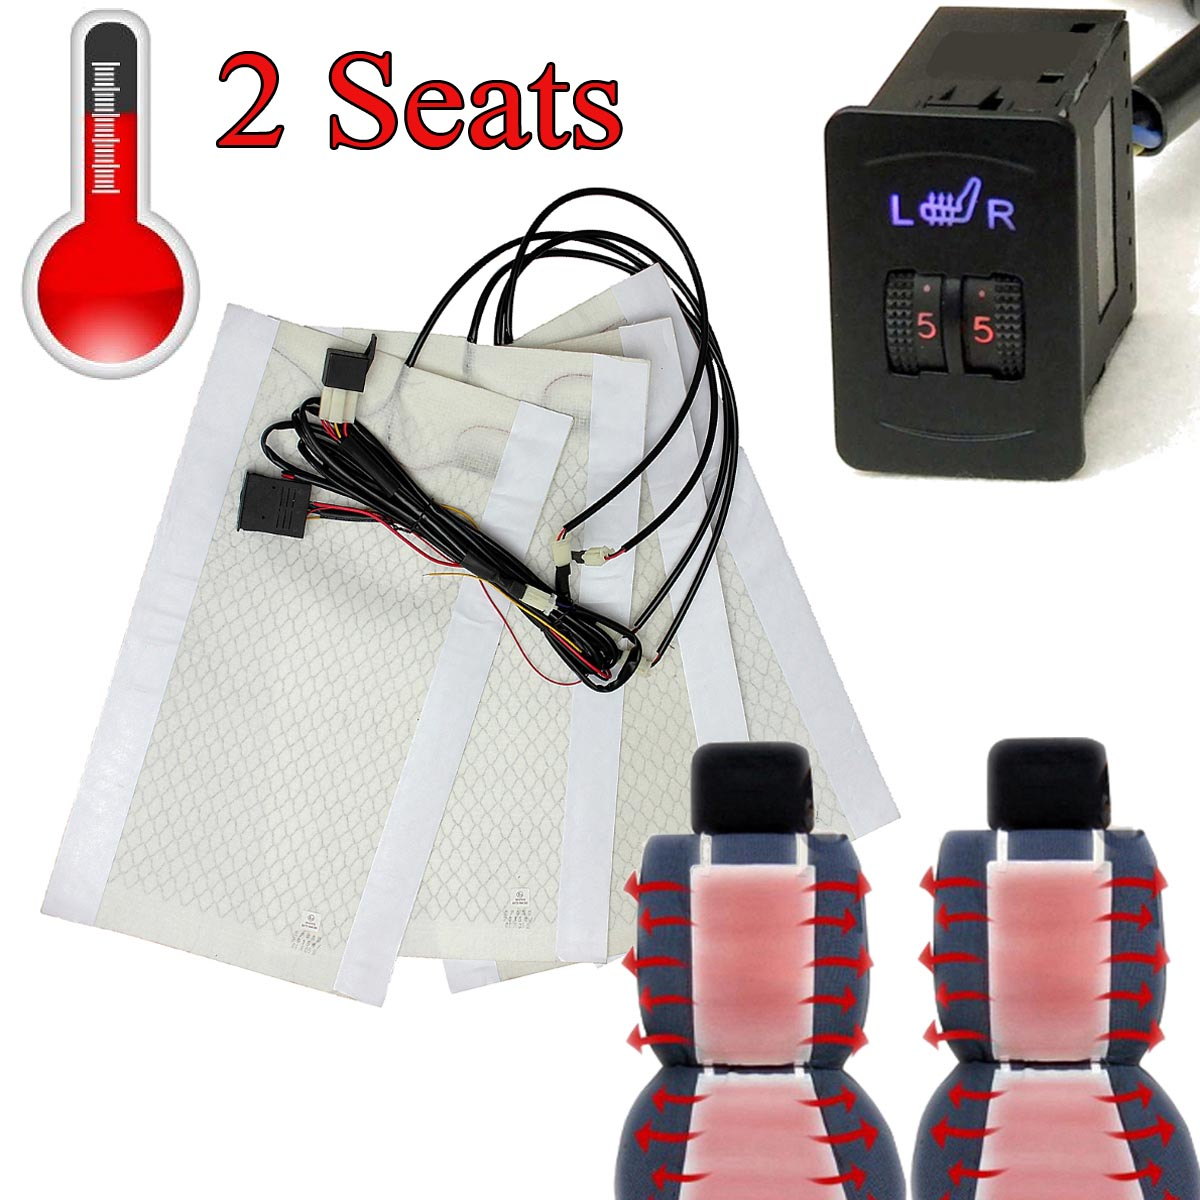 2 Asientos 4 pads universal Carbo n Fibra asiento calentador 12 V almohadillas 2 dial 5 nivel invierno calentador Fundas de asientos